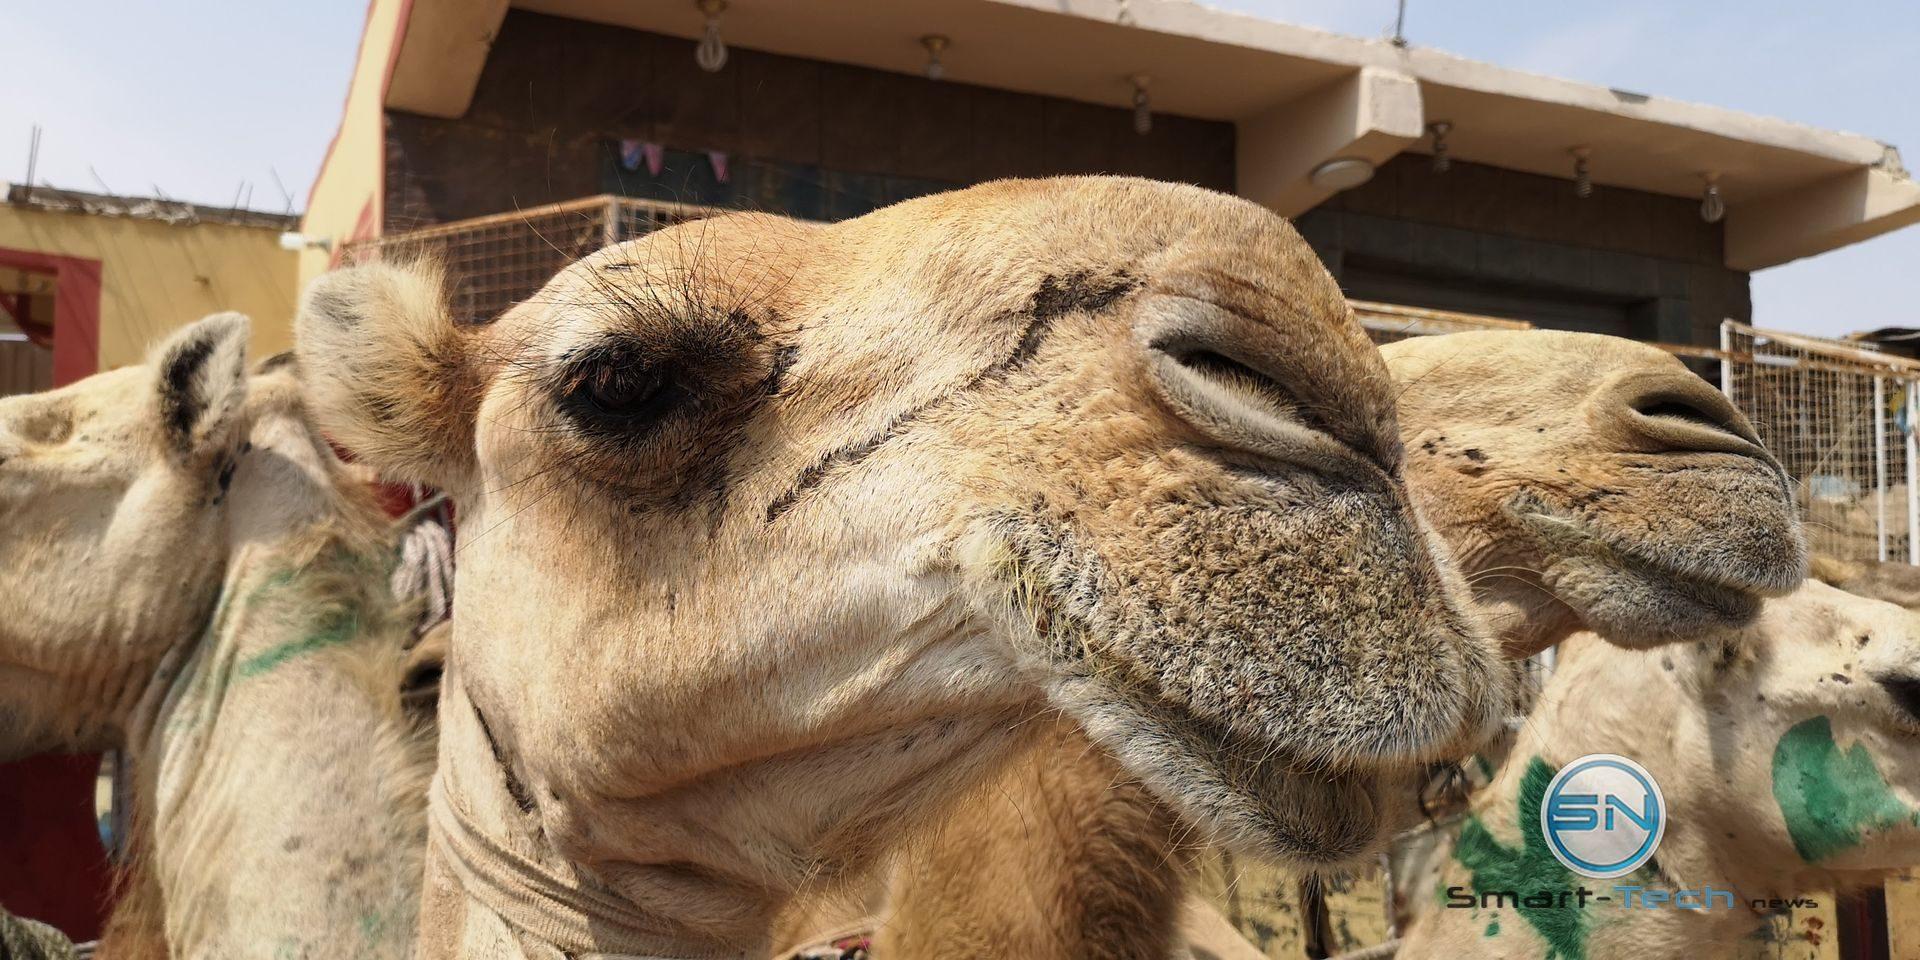 Kamel Selfie El Shalateen Huawei P20pro